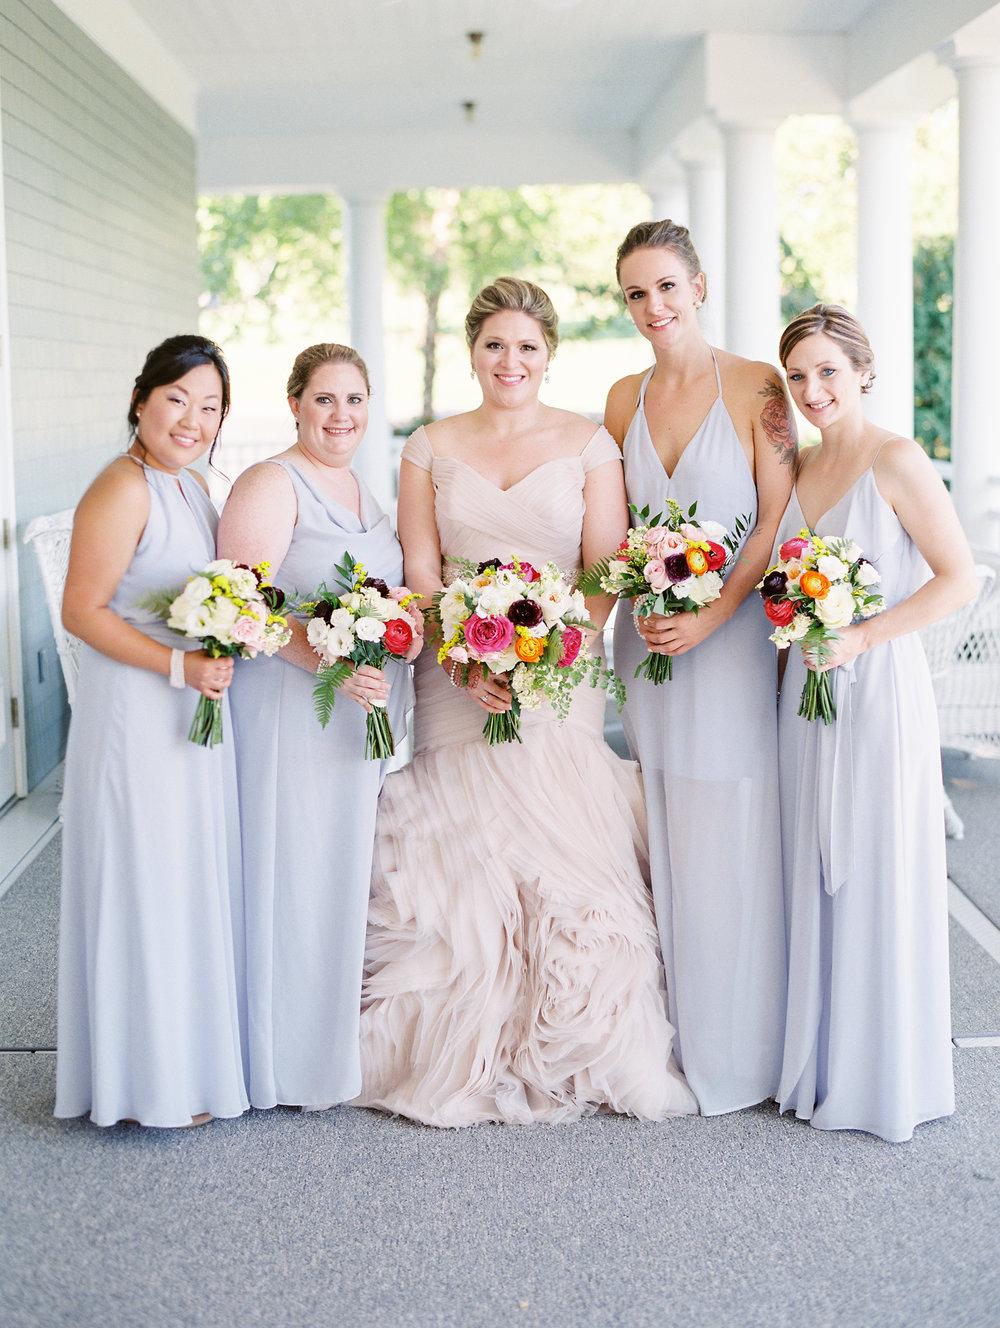 Govathoti+Wedding+Cocktail+BridalParty-13.jpg